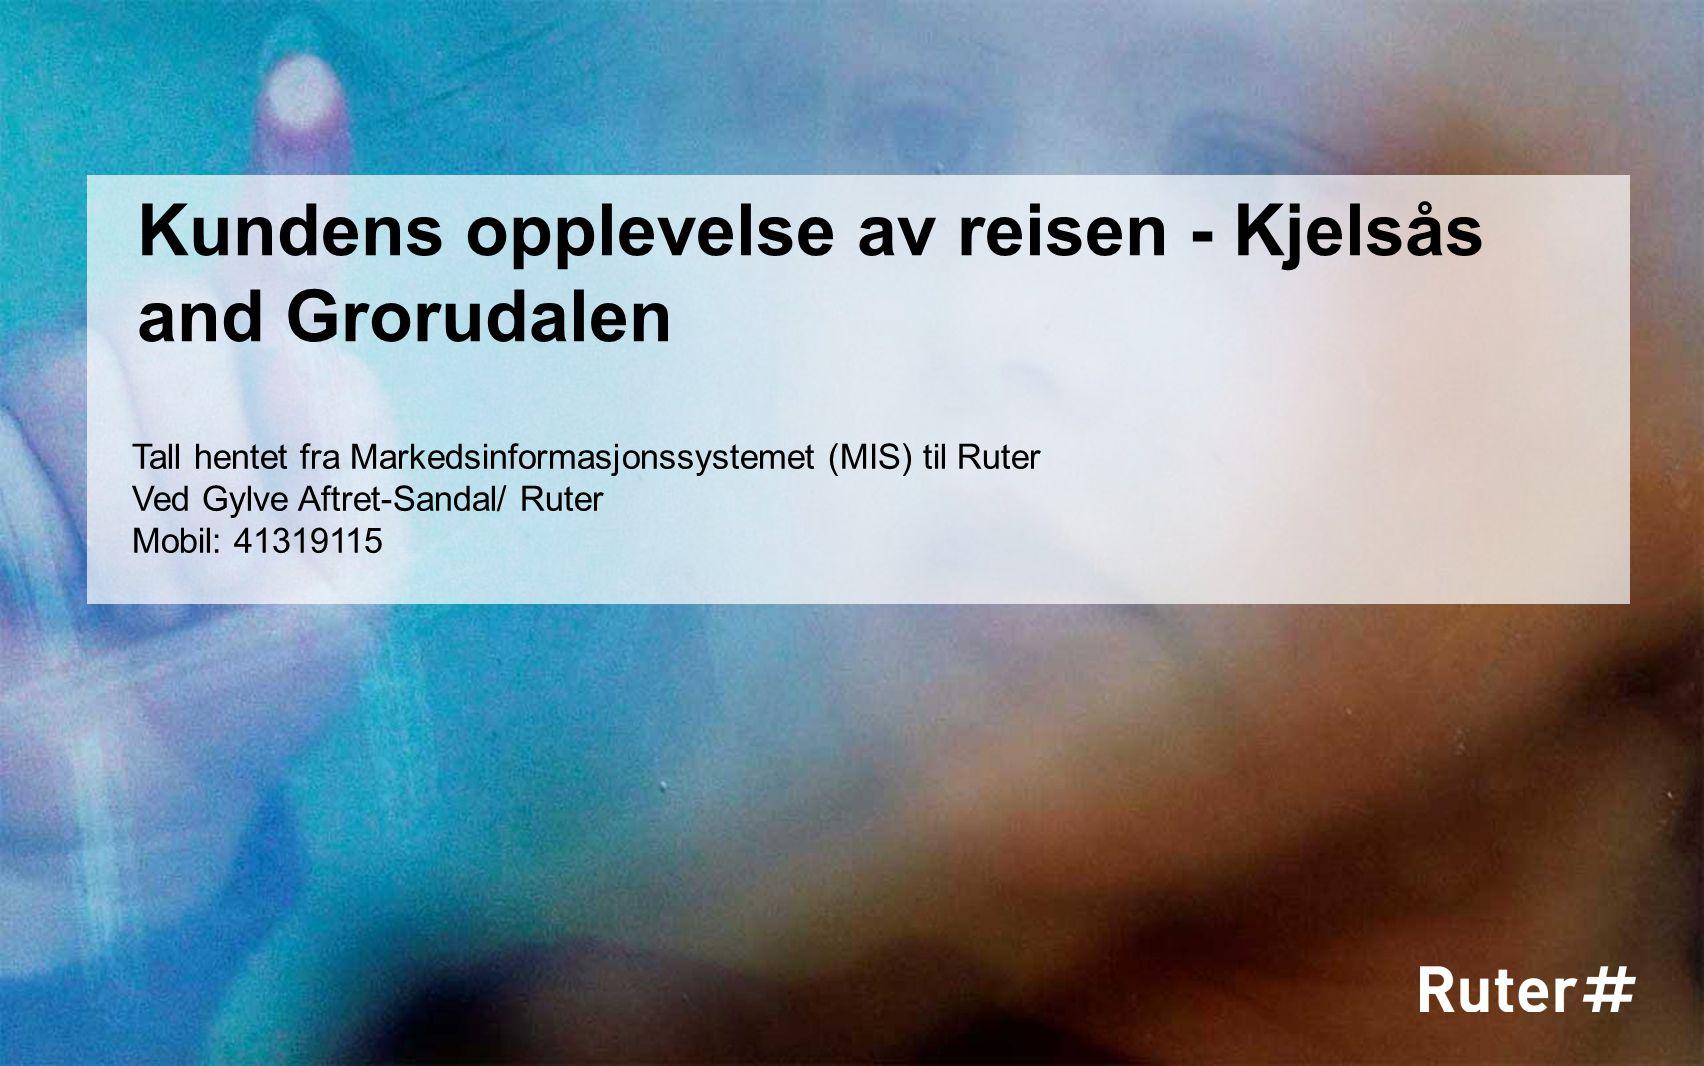 Kundens opplevelse av reisen - Kjelsås and Grorudalen Tall hentet fra Markedsinformasjonssystemet (MIS) til Ruter Ved Gylve Aftret-Sandal/ Ruter Mobil